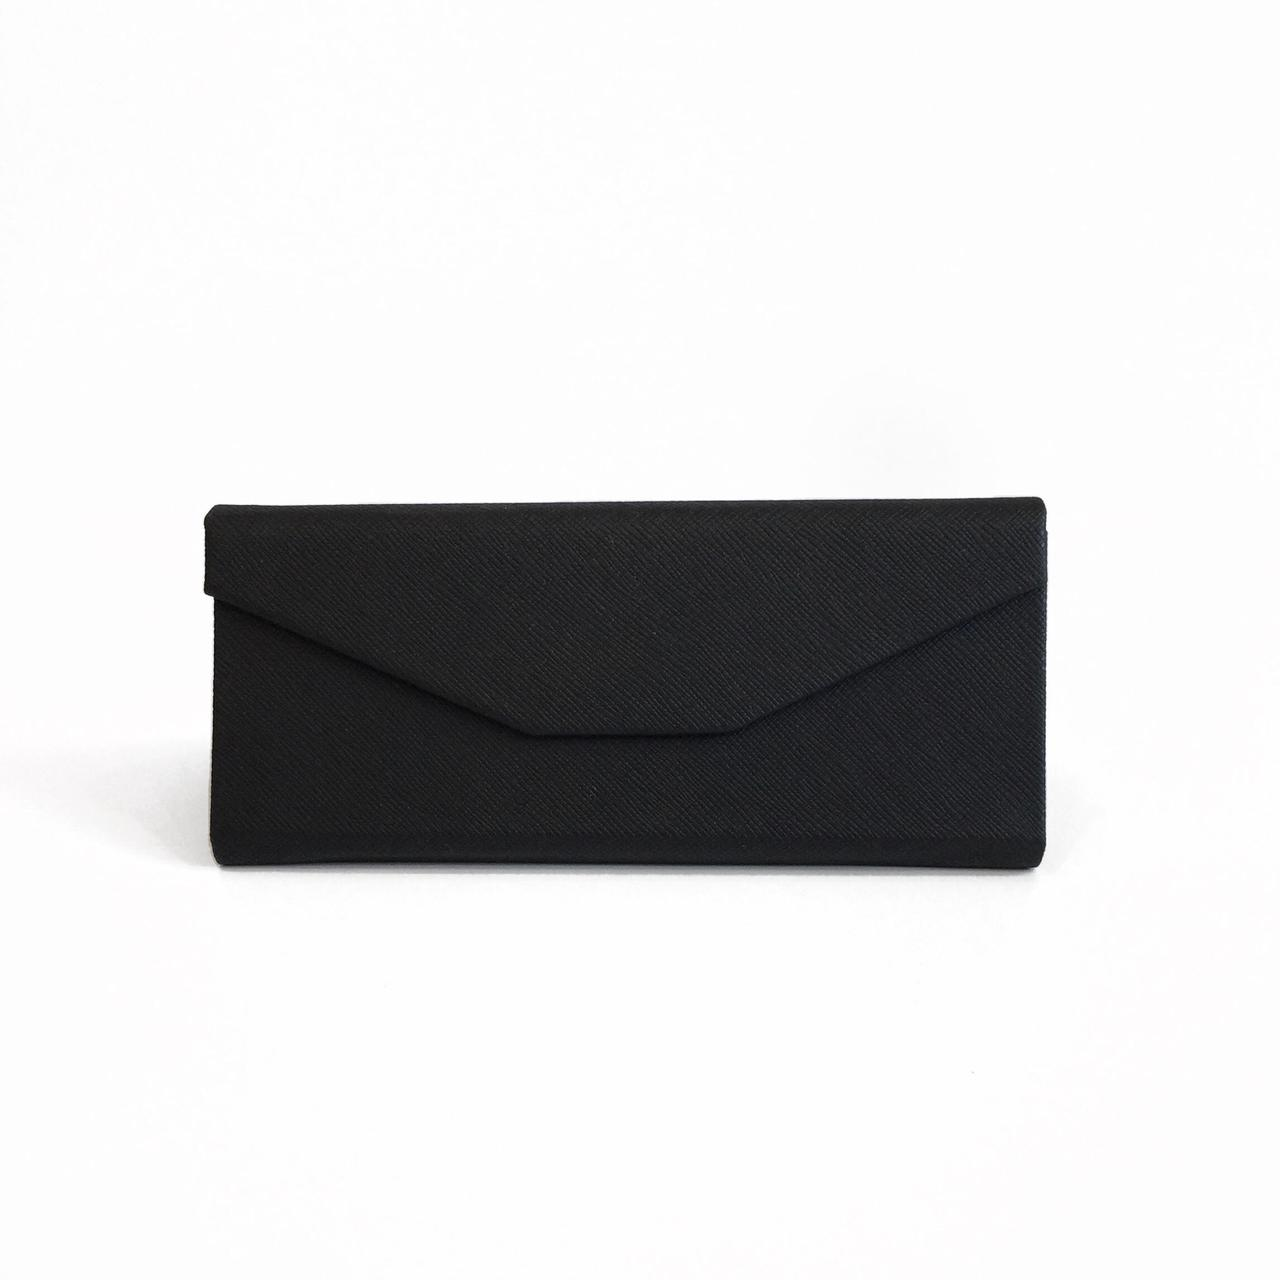 Чёрный кожаный смарт чехол для солнцезащитных очков